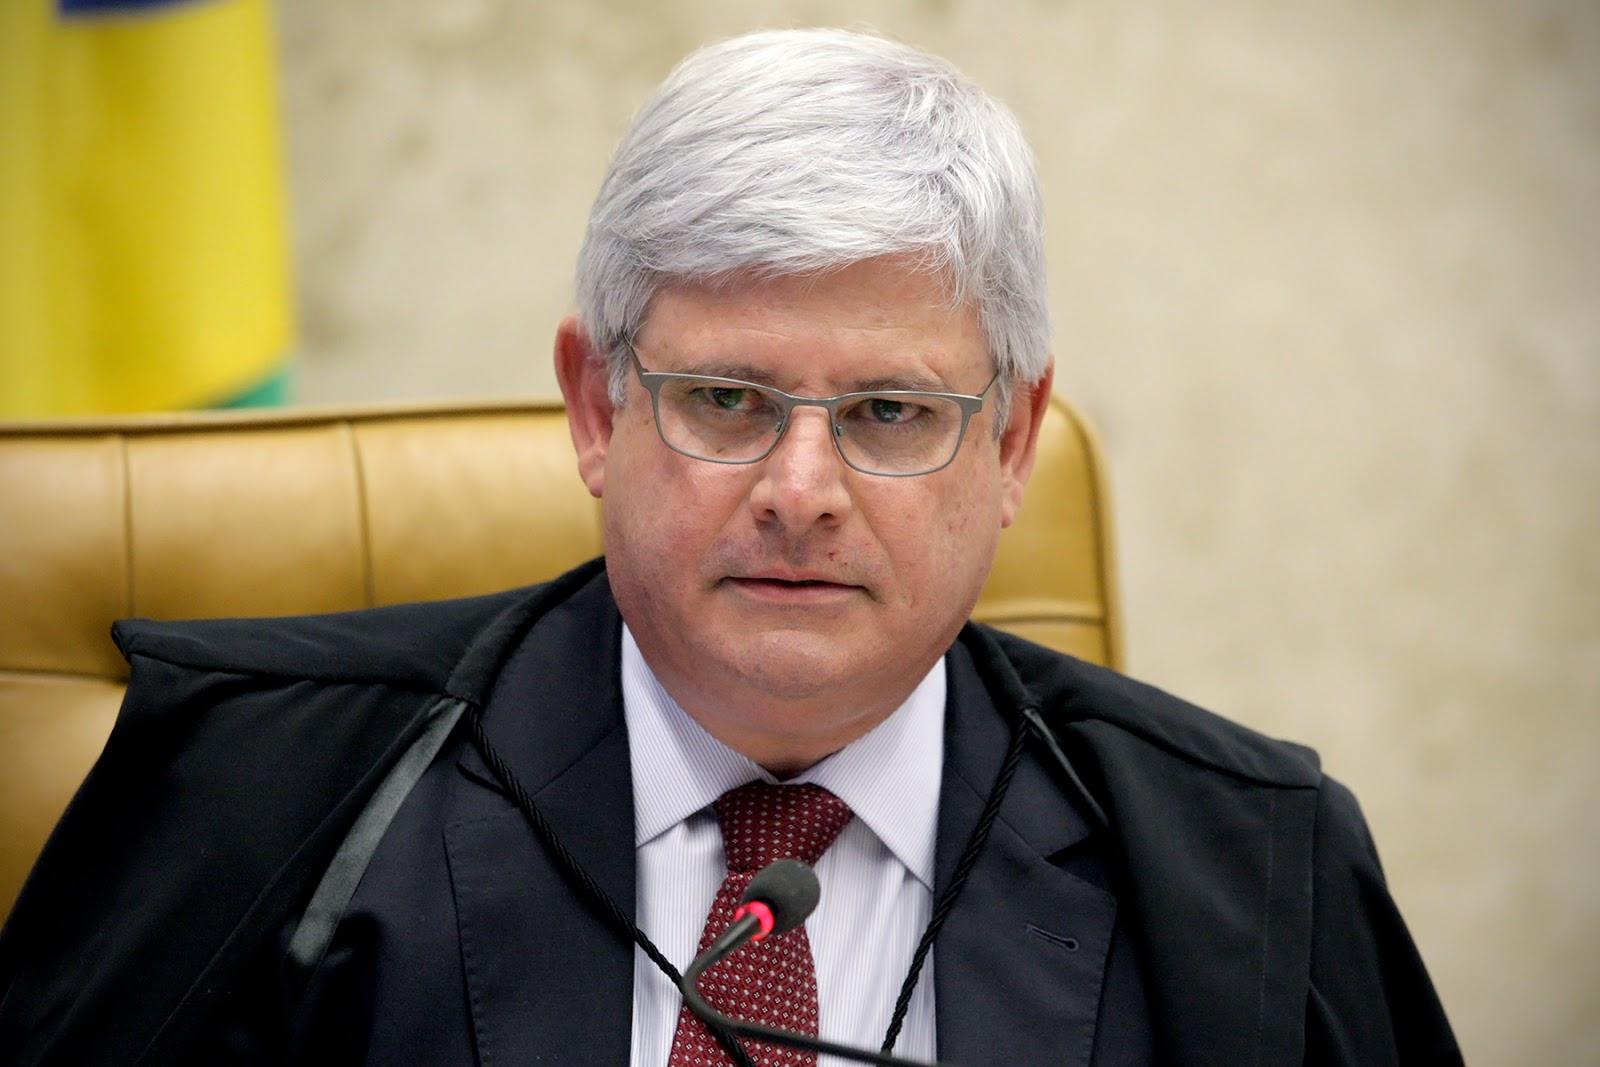 Dilma sugeriu mudança de conta da Suíça para Cingapura, diz delatora